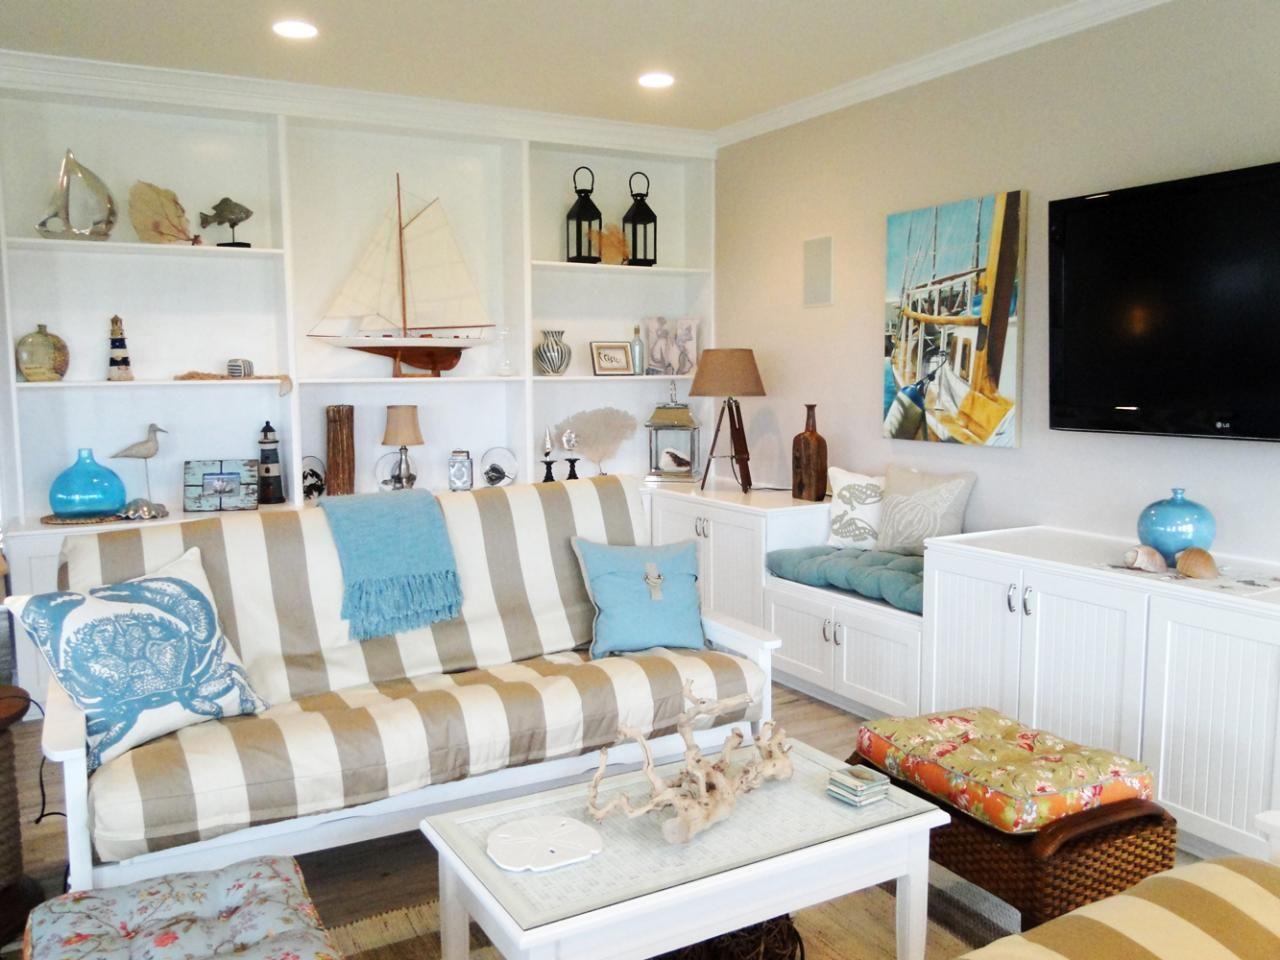 Beach Decor Ideas For Home Coastal Living Room Coastal Living Rooms Beach Cottage Decor